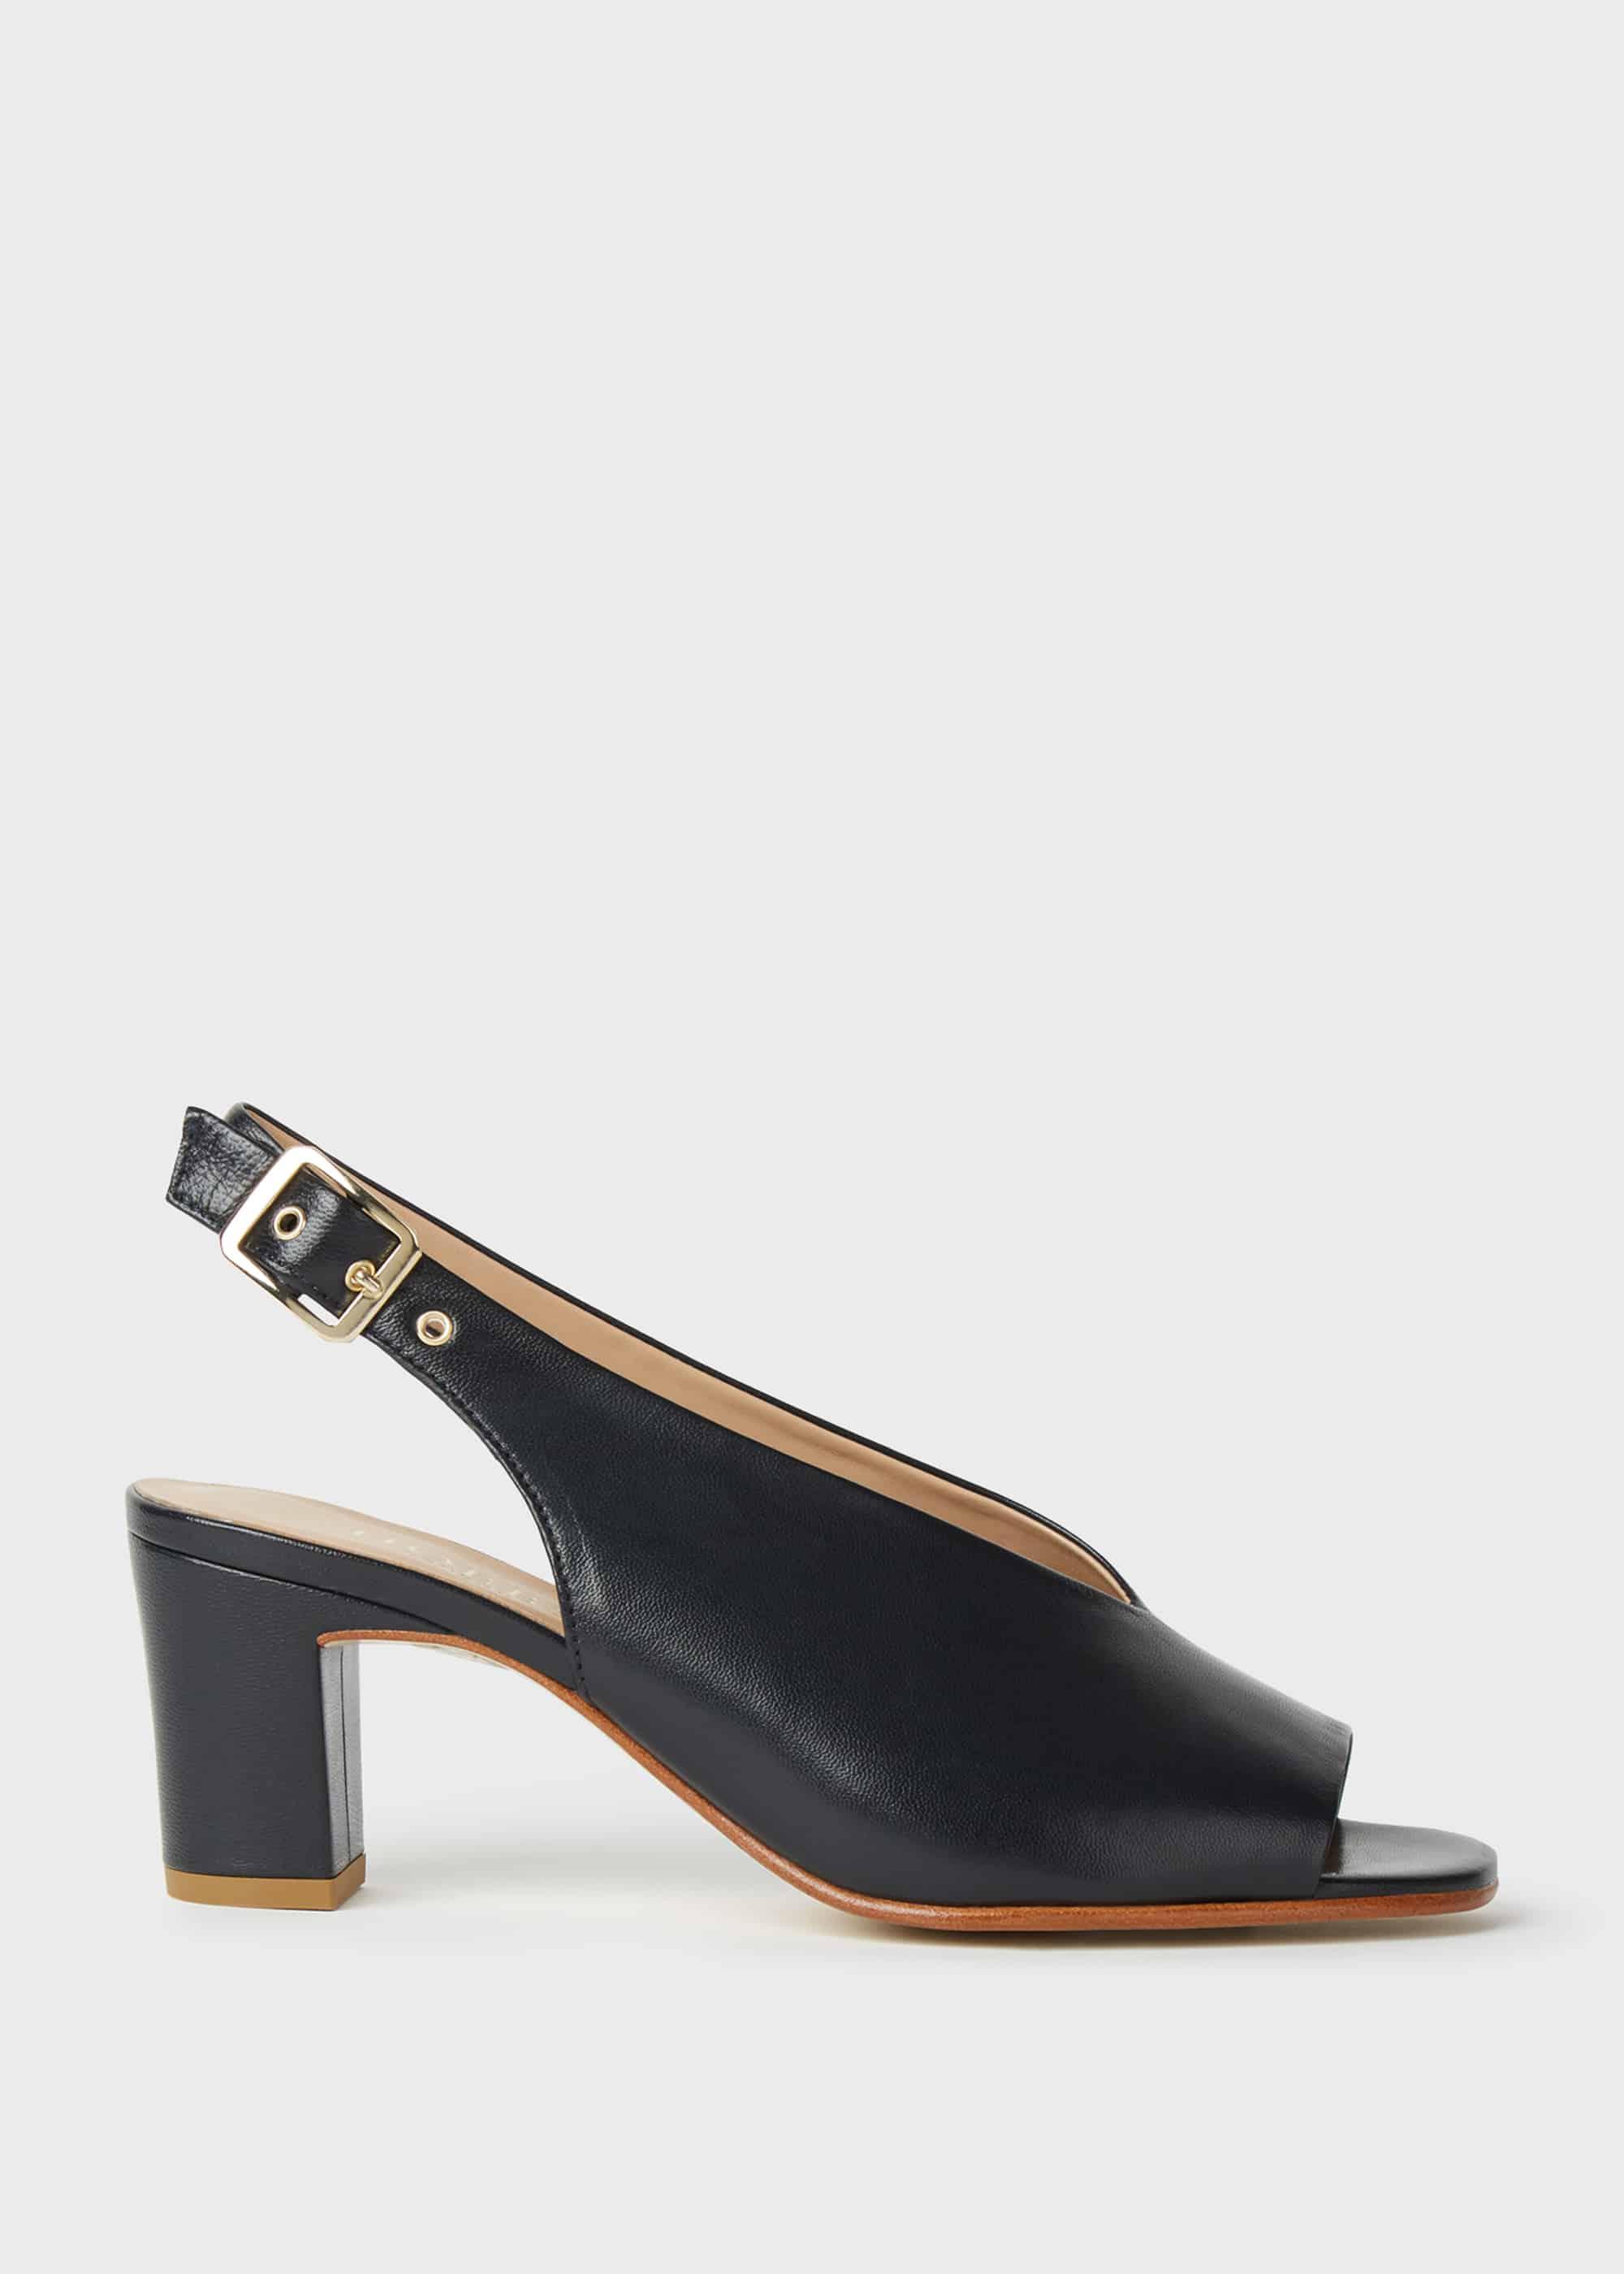 Hobbs Women Kali Leather Block Heel Sandals